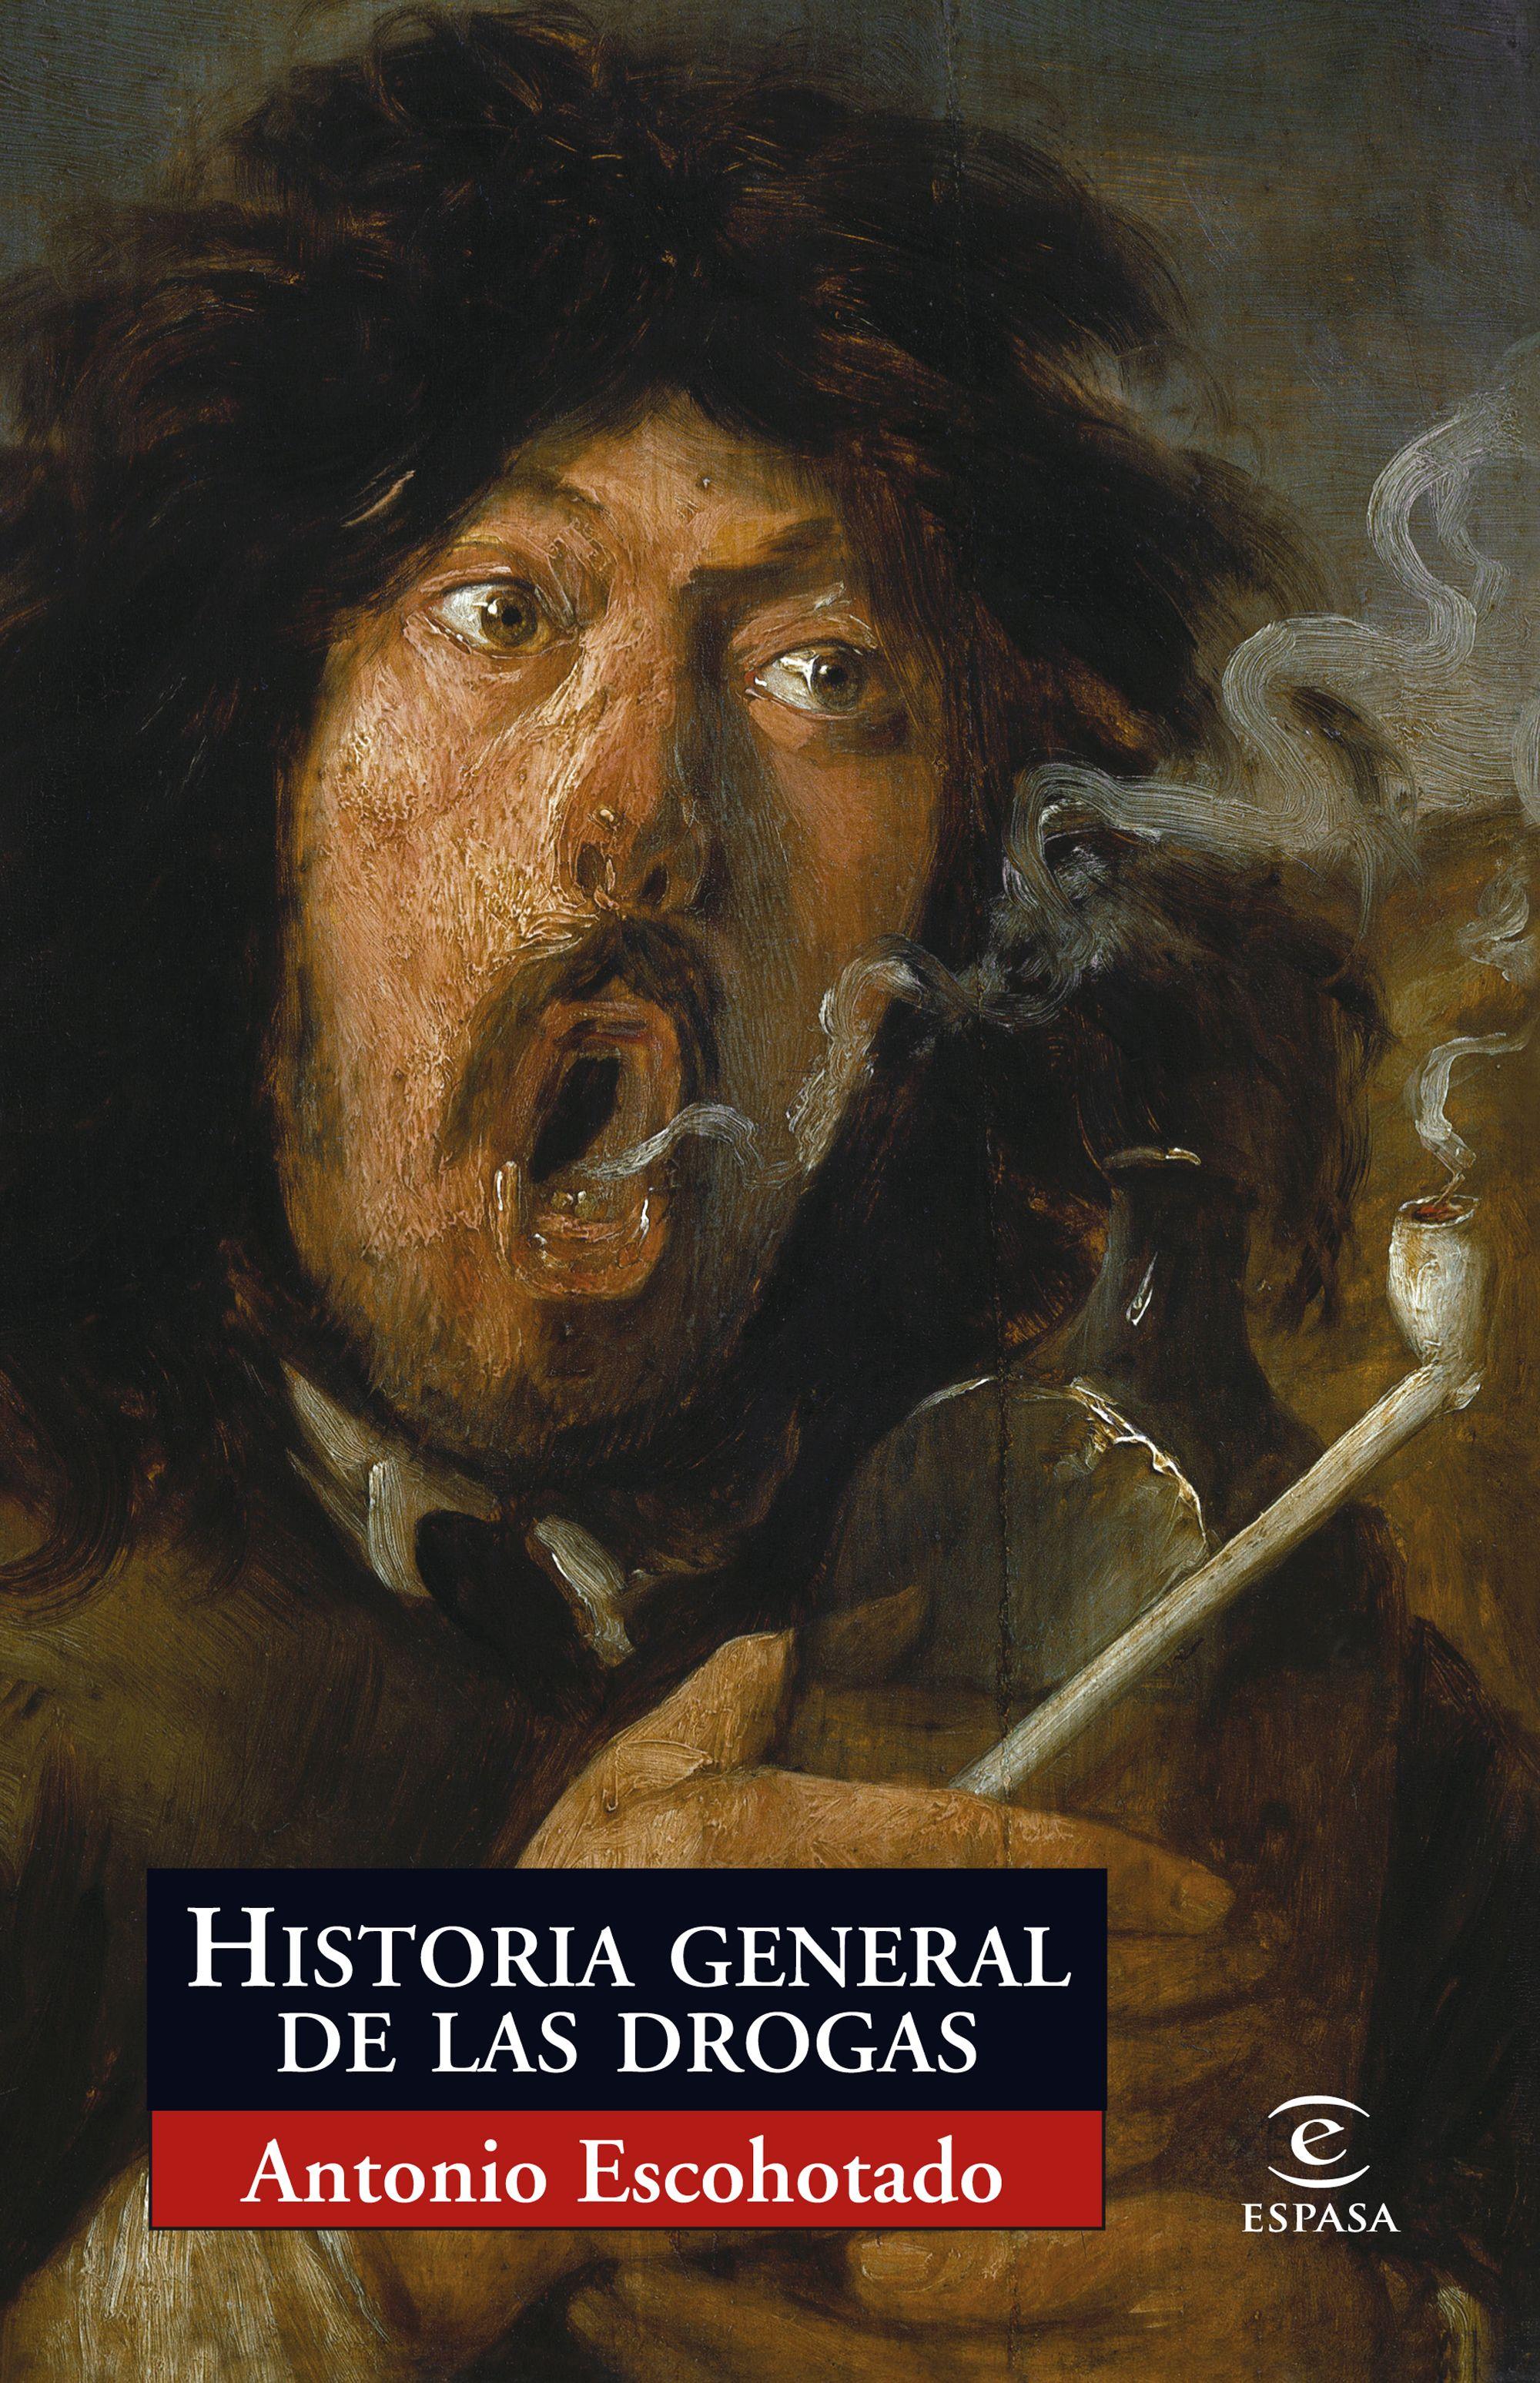 historia general de las drogas-antonio escohotado-9788467027532